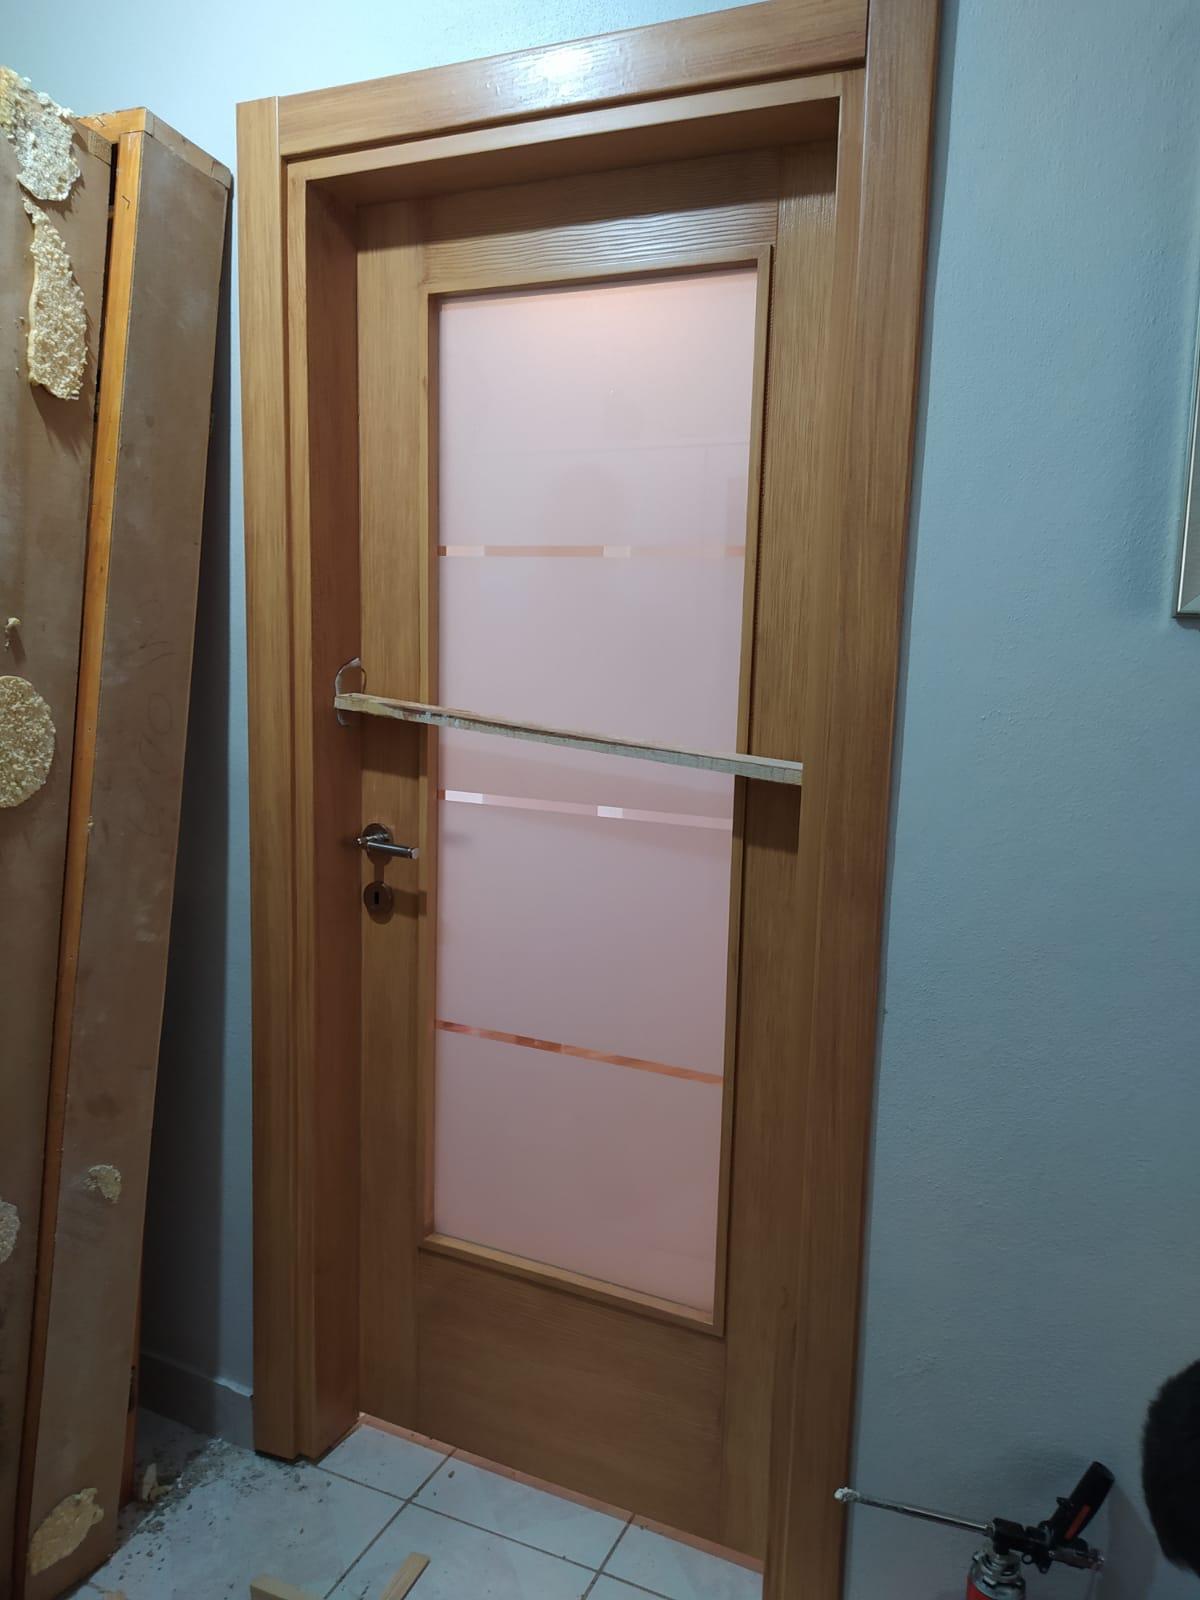 amerikan kapı, amerikan kapı modelleri, amerikan kapı modelleri 2019, amerikan kapı fiyatları, amerikan kapı modeli, amerikan kapı modelleri ve fiyatları, ucuz amerikan kapı, uygun amerikan kapı, amerikan kapı modelleri 2020, amerikan kapı modelleri 2021, amerikan panel kapı, camlı amerikan kapı